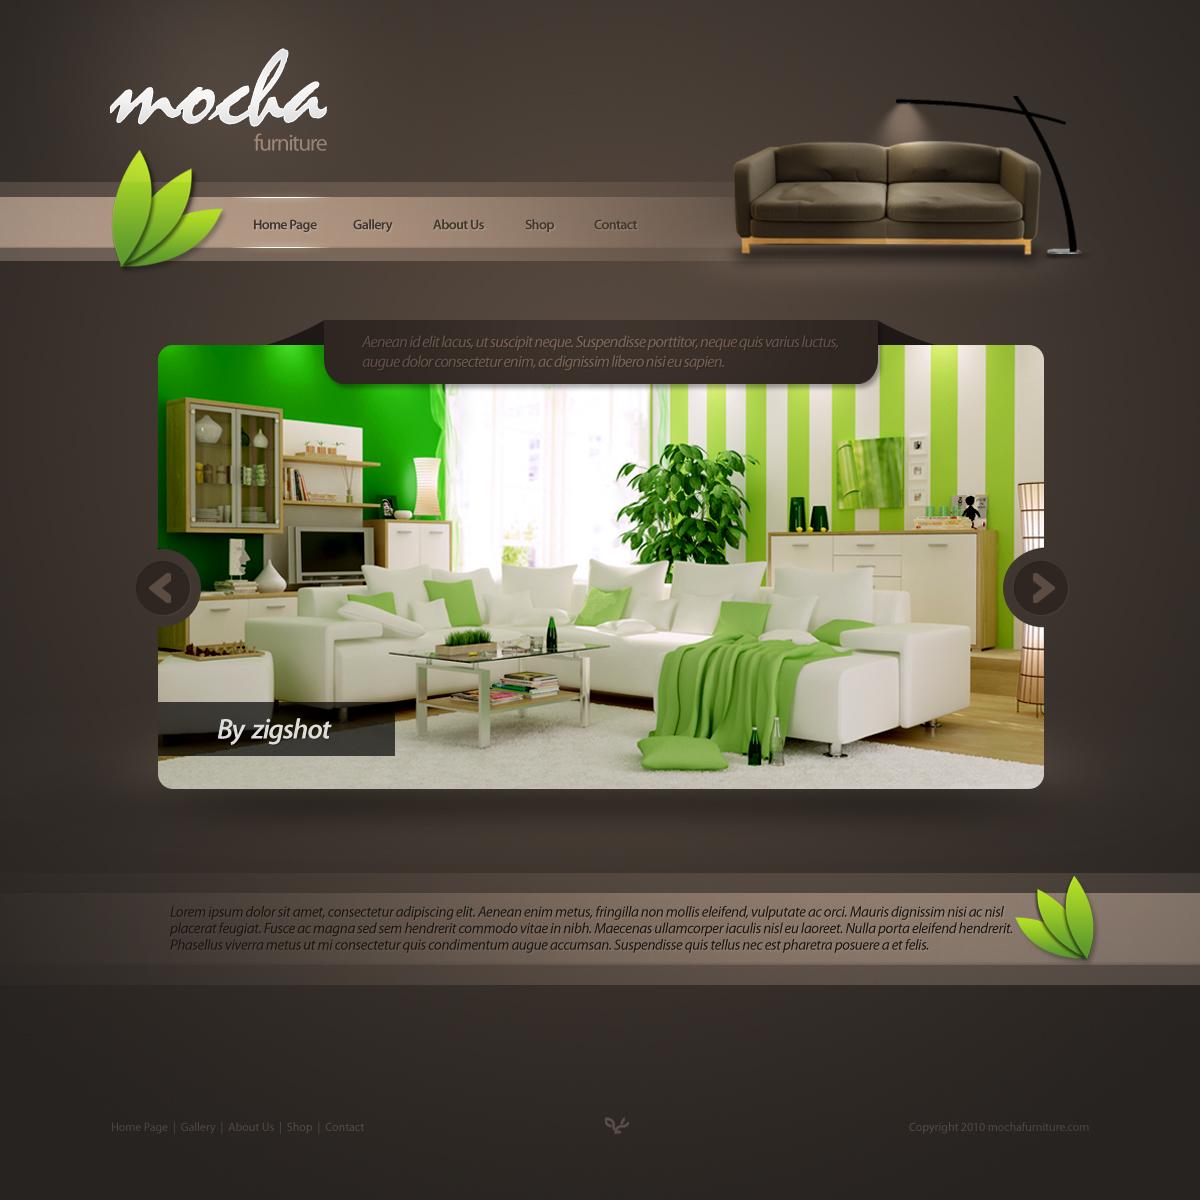 mocha furniture by gdnz